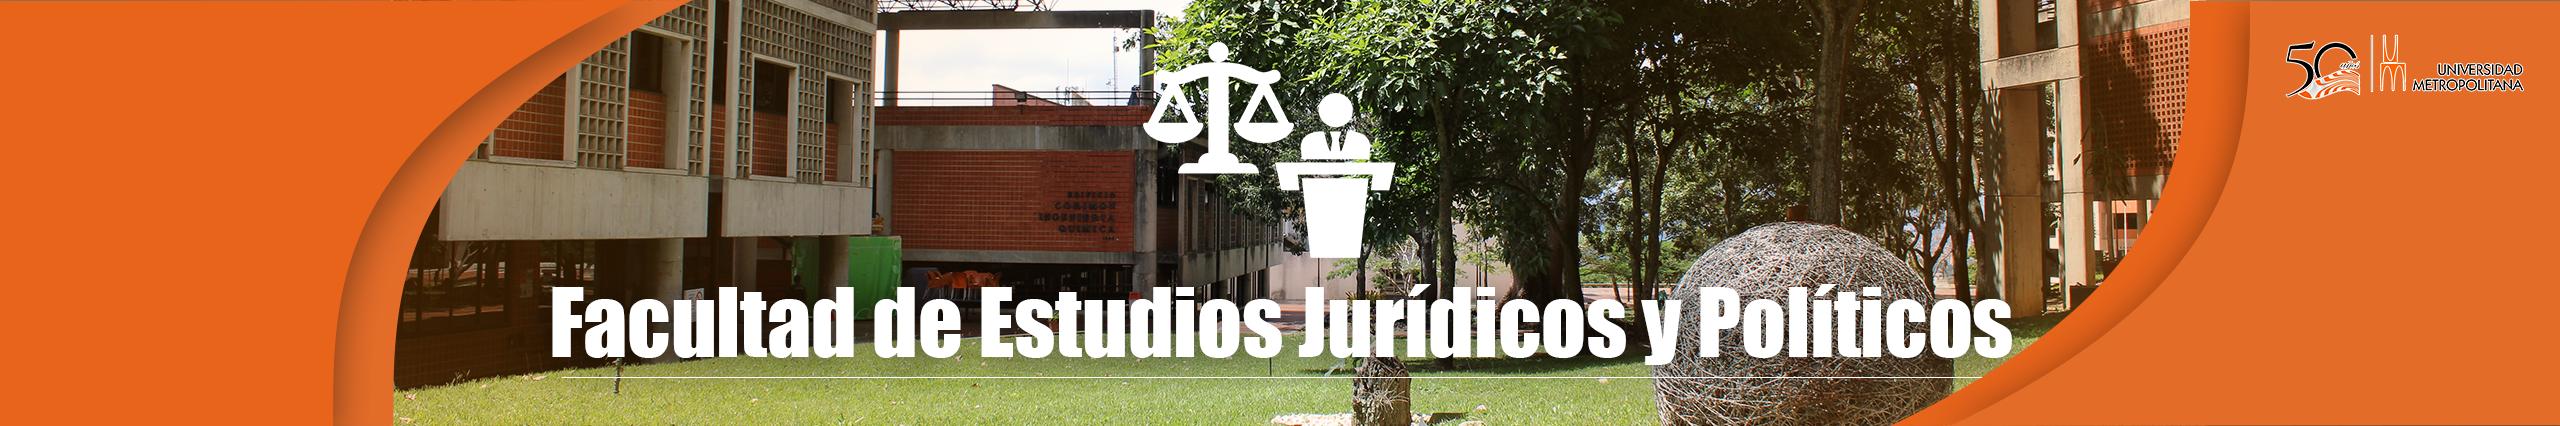 FACULTAD DE ESTUDIOS JURÍDICOS Y POLÍTICOS